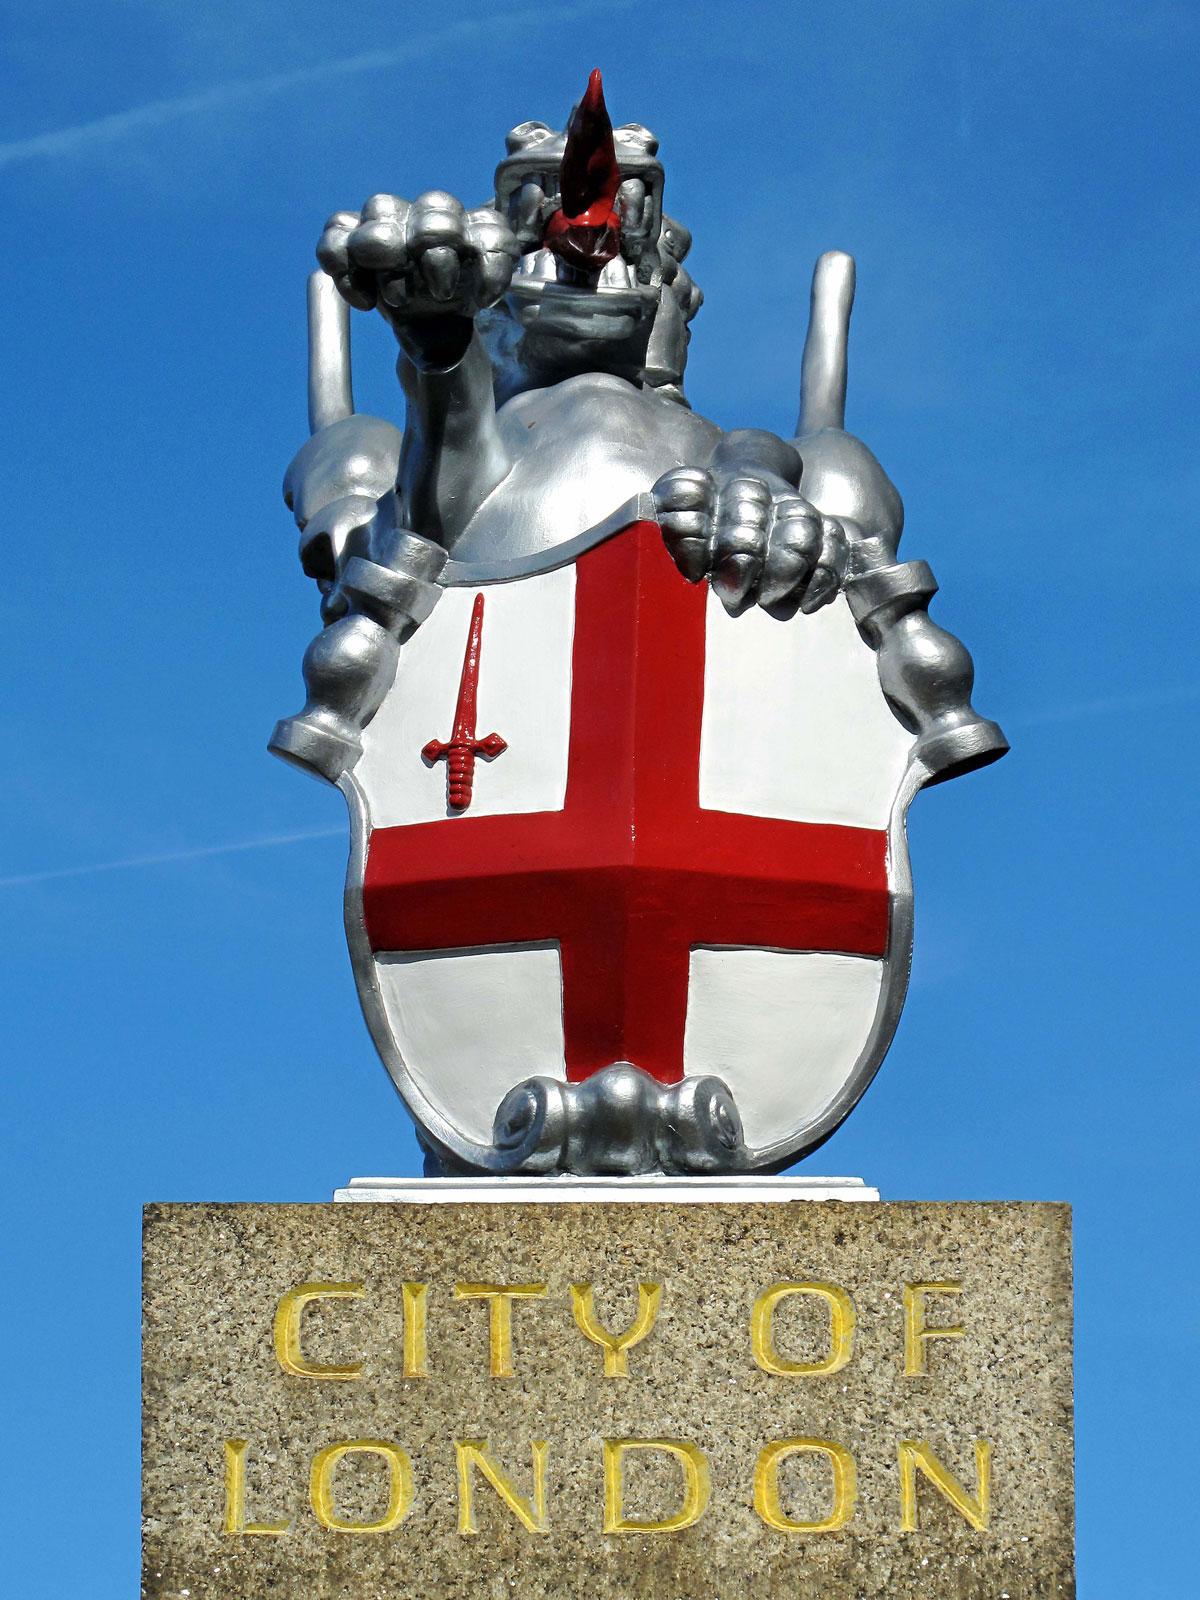 City of London Boundary Marker